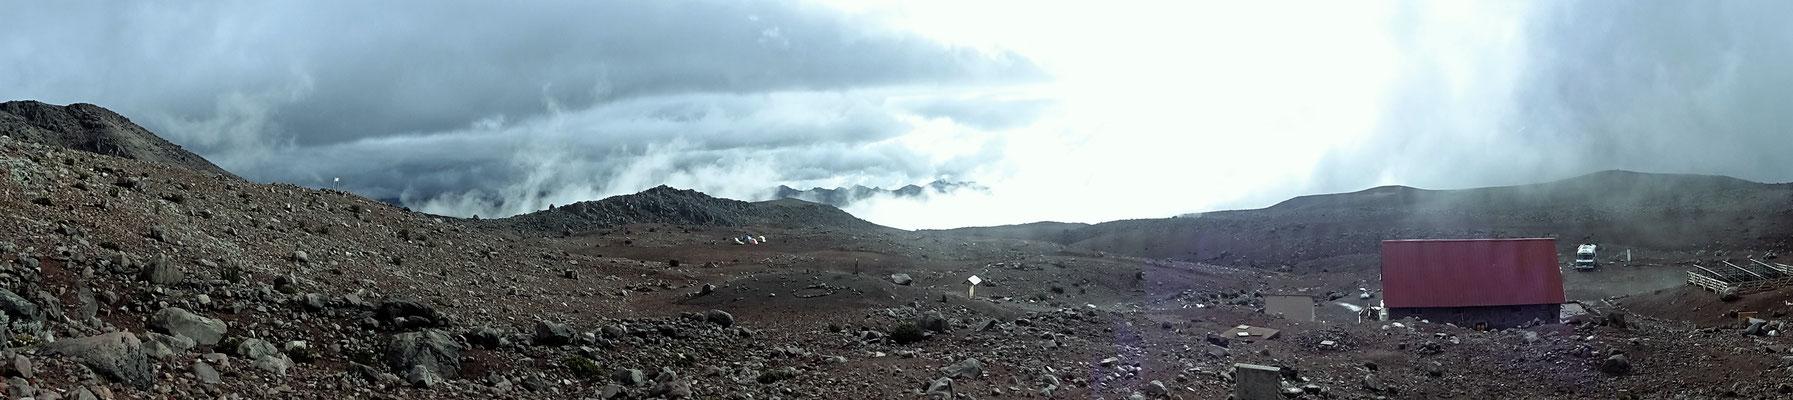 Am Chimborazo: Schutzhütte, Carl und Zeltlager über den Wolken